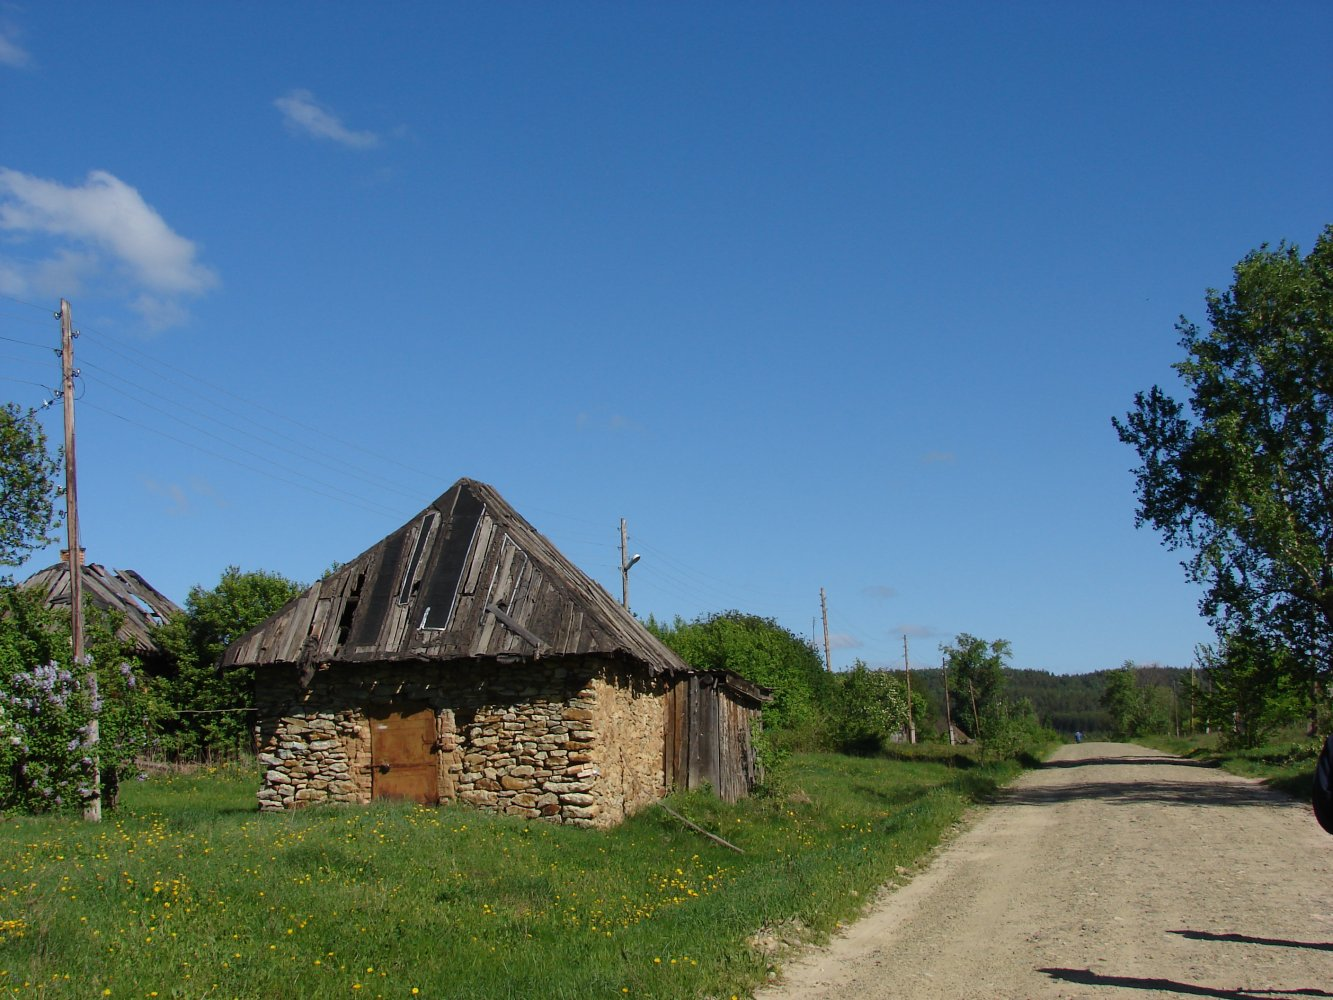 Фото DSC05060.JPG. Россия, Ульяновская область, Unnamed Road